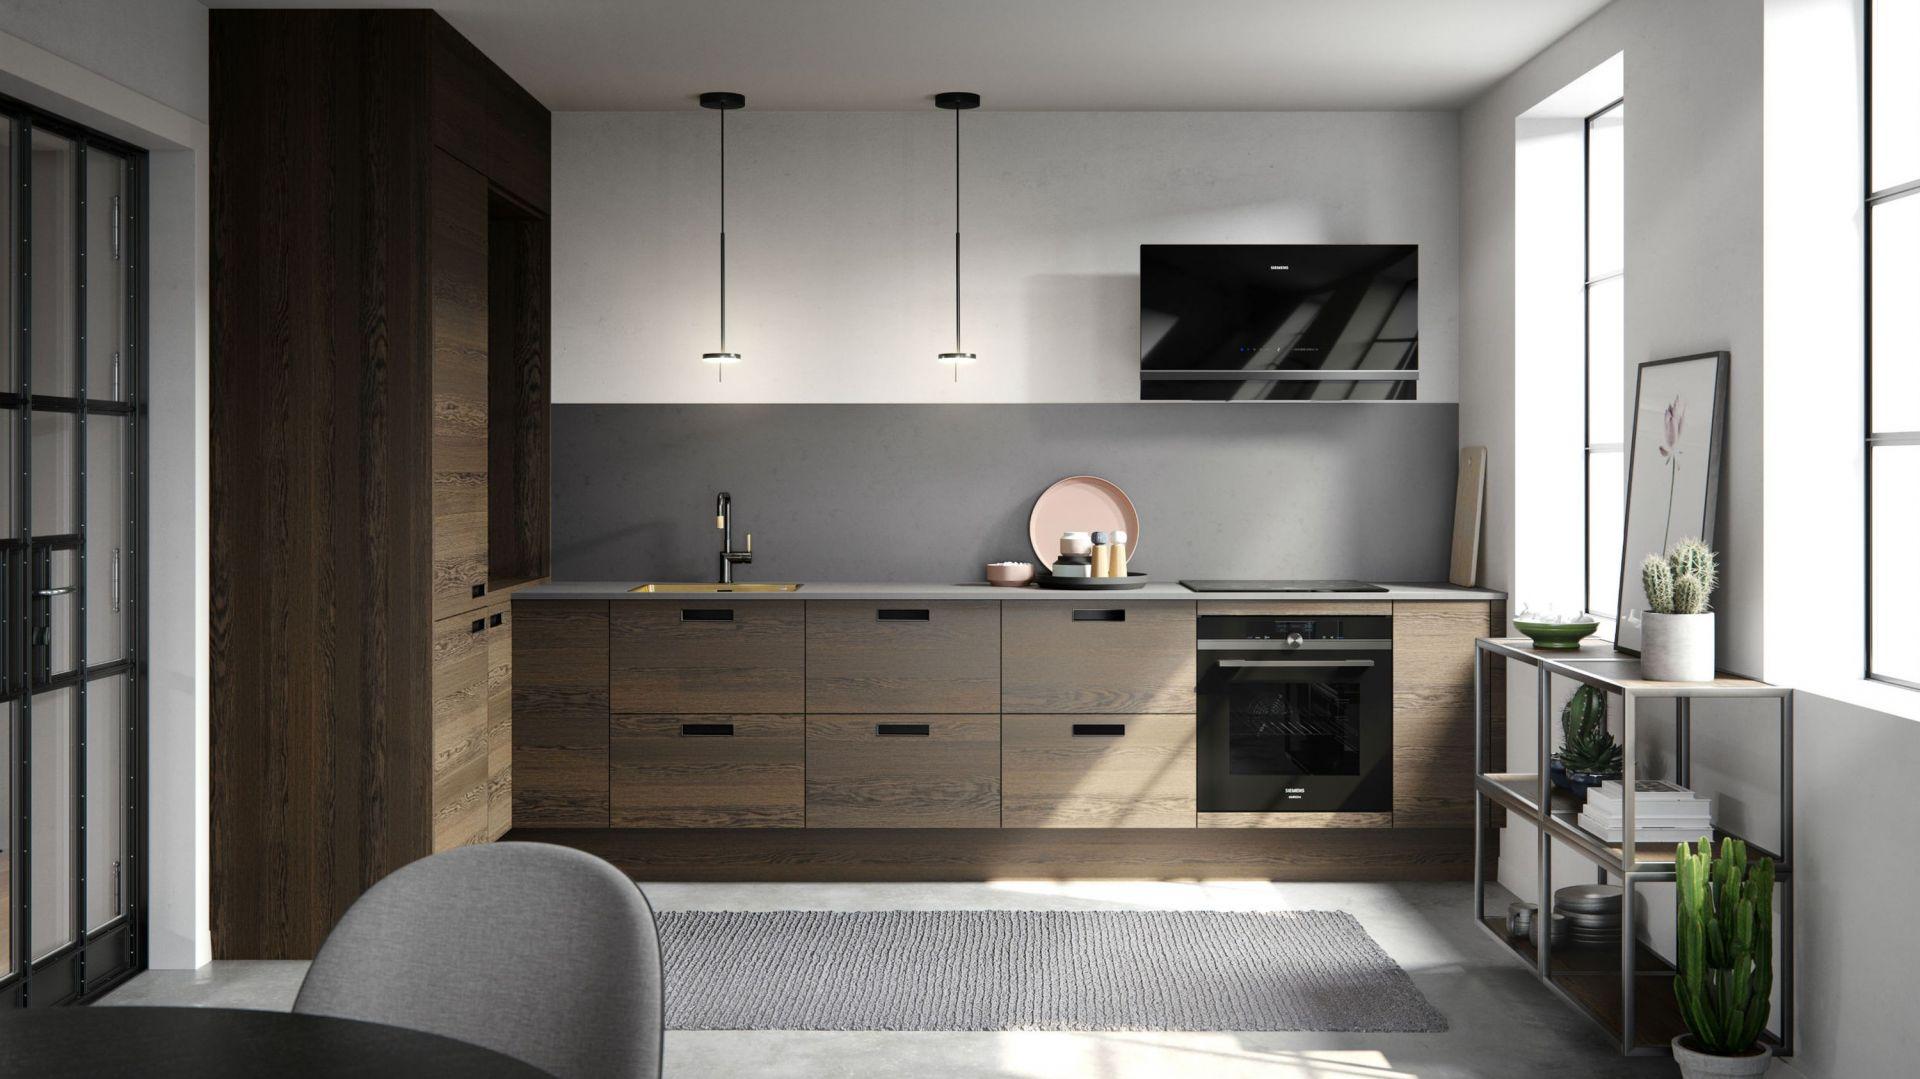 Drewno w nowoczesnej kuchni. Fot. Svane